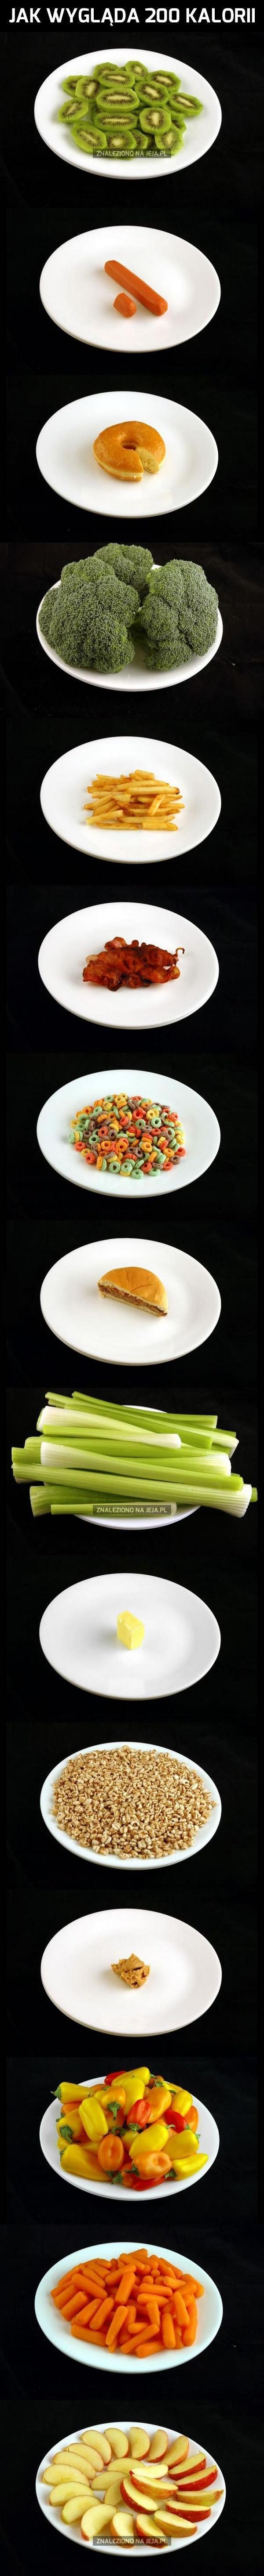 Jak wygląda 200 kalorii